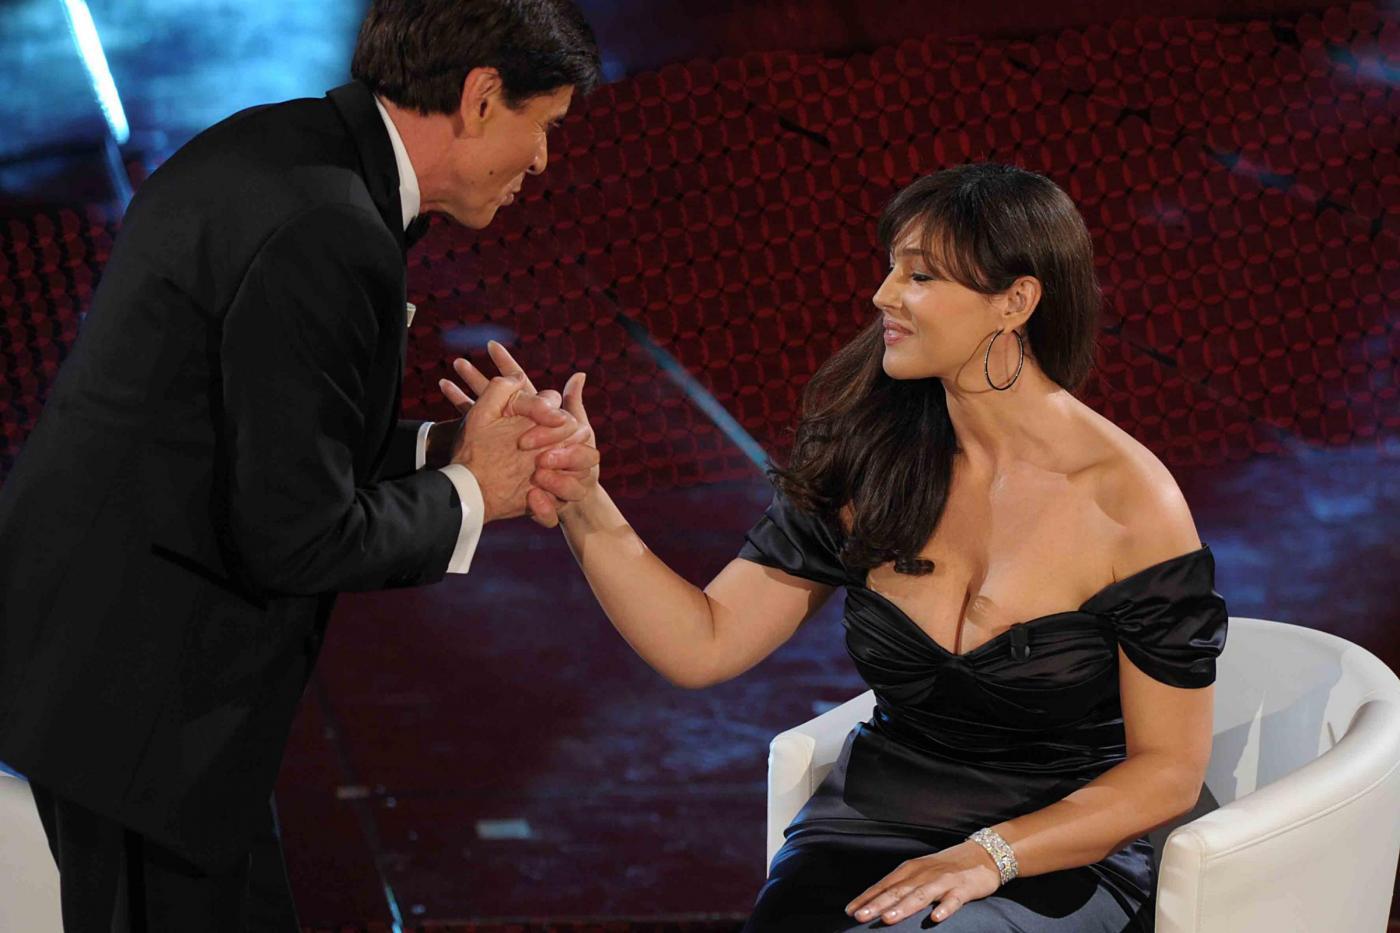 http://4.bp.blogspot.com/-aLOsvIQLOZ0/TV-TKjhgJQI/AAAAAAAABFA/7AVxb7Lzi_E/s1600/Bellucci+a+Sanremo.jpg